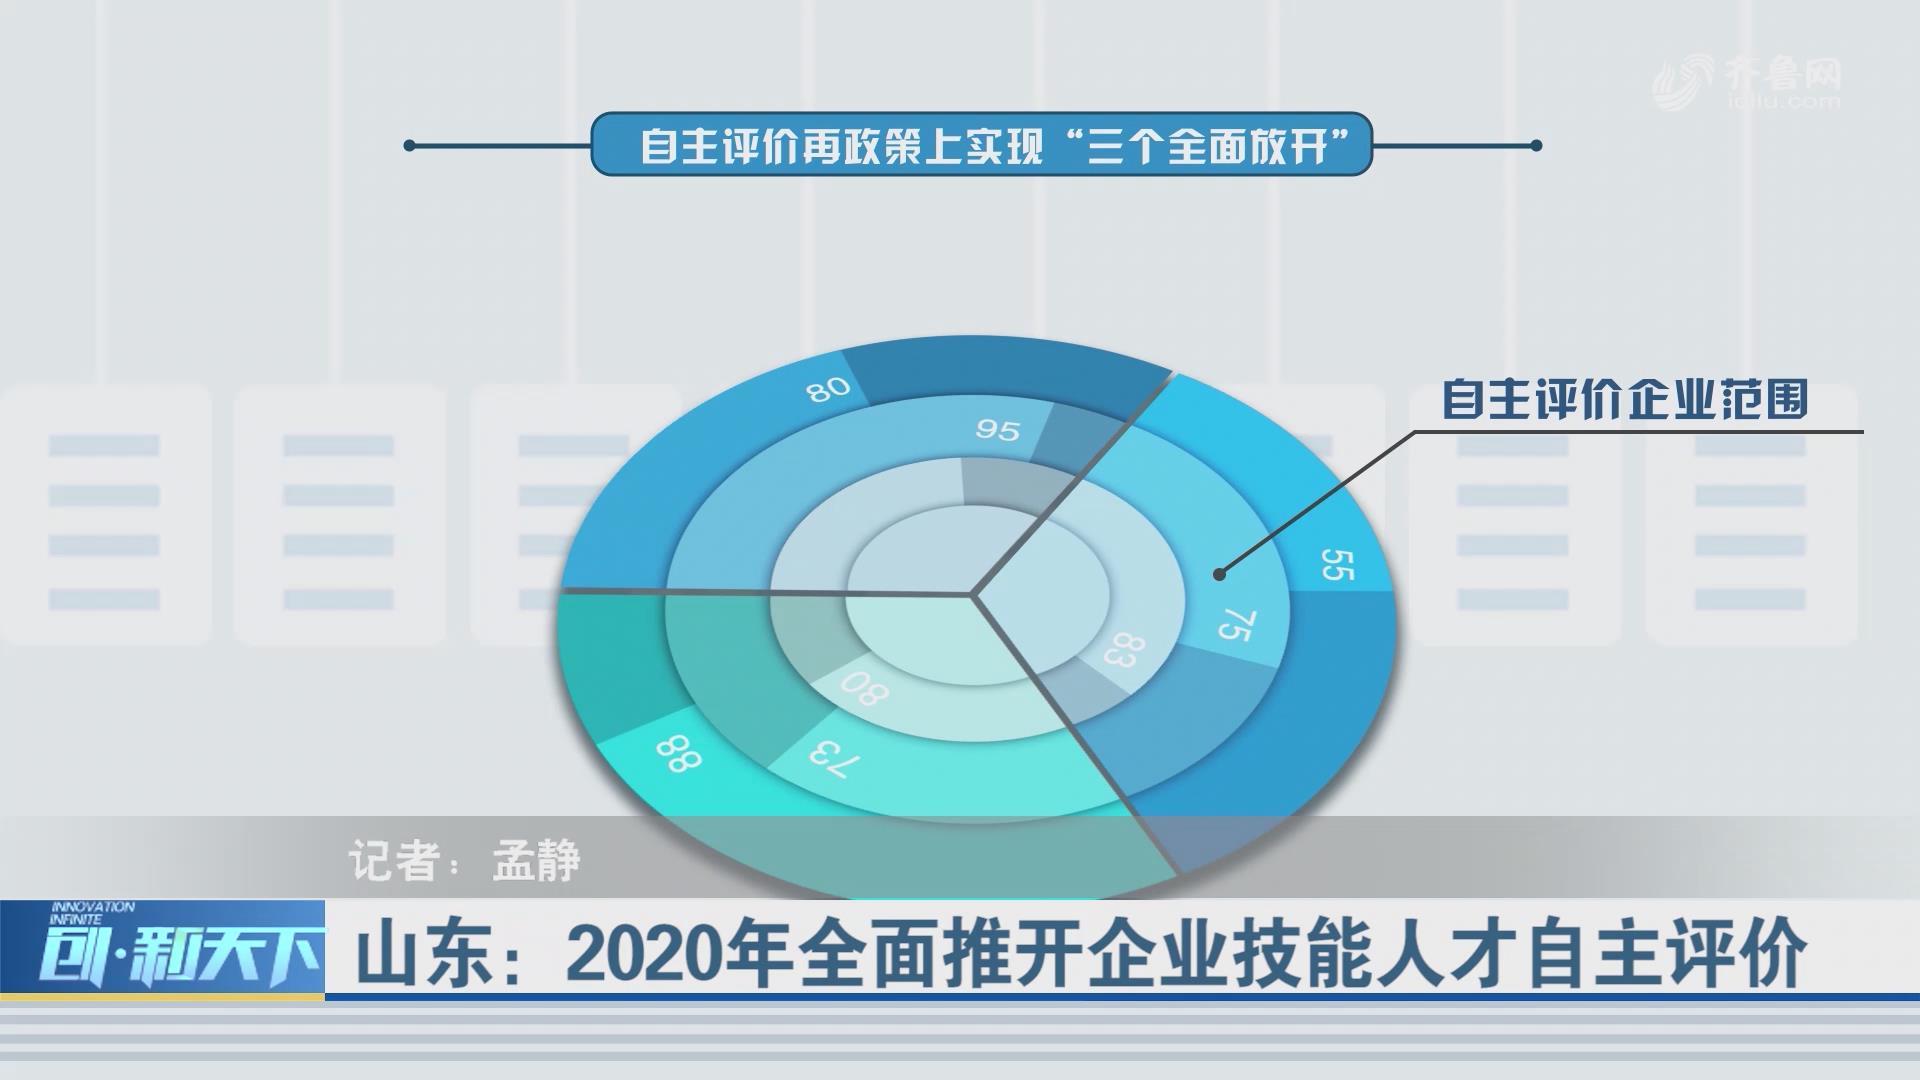 山东:2020年全面推开企业技能人才自主评价